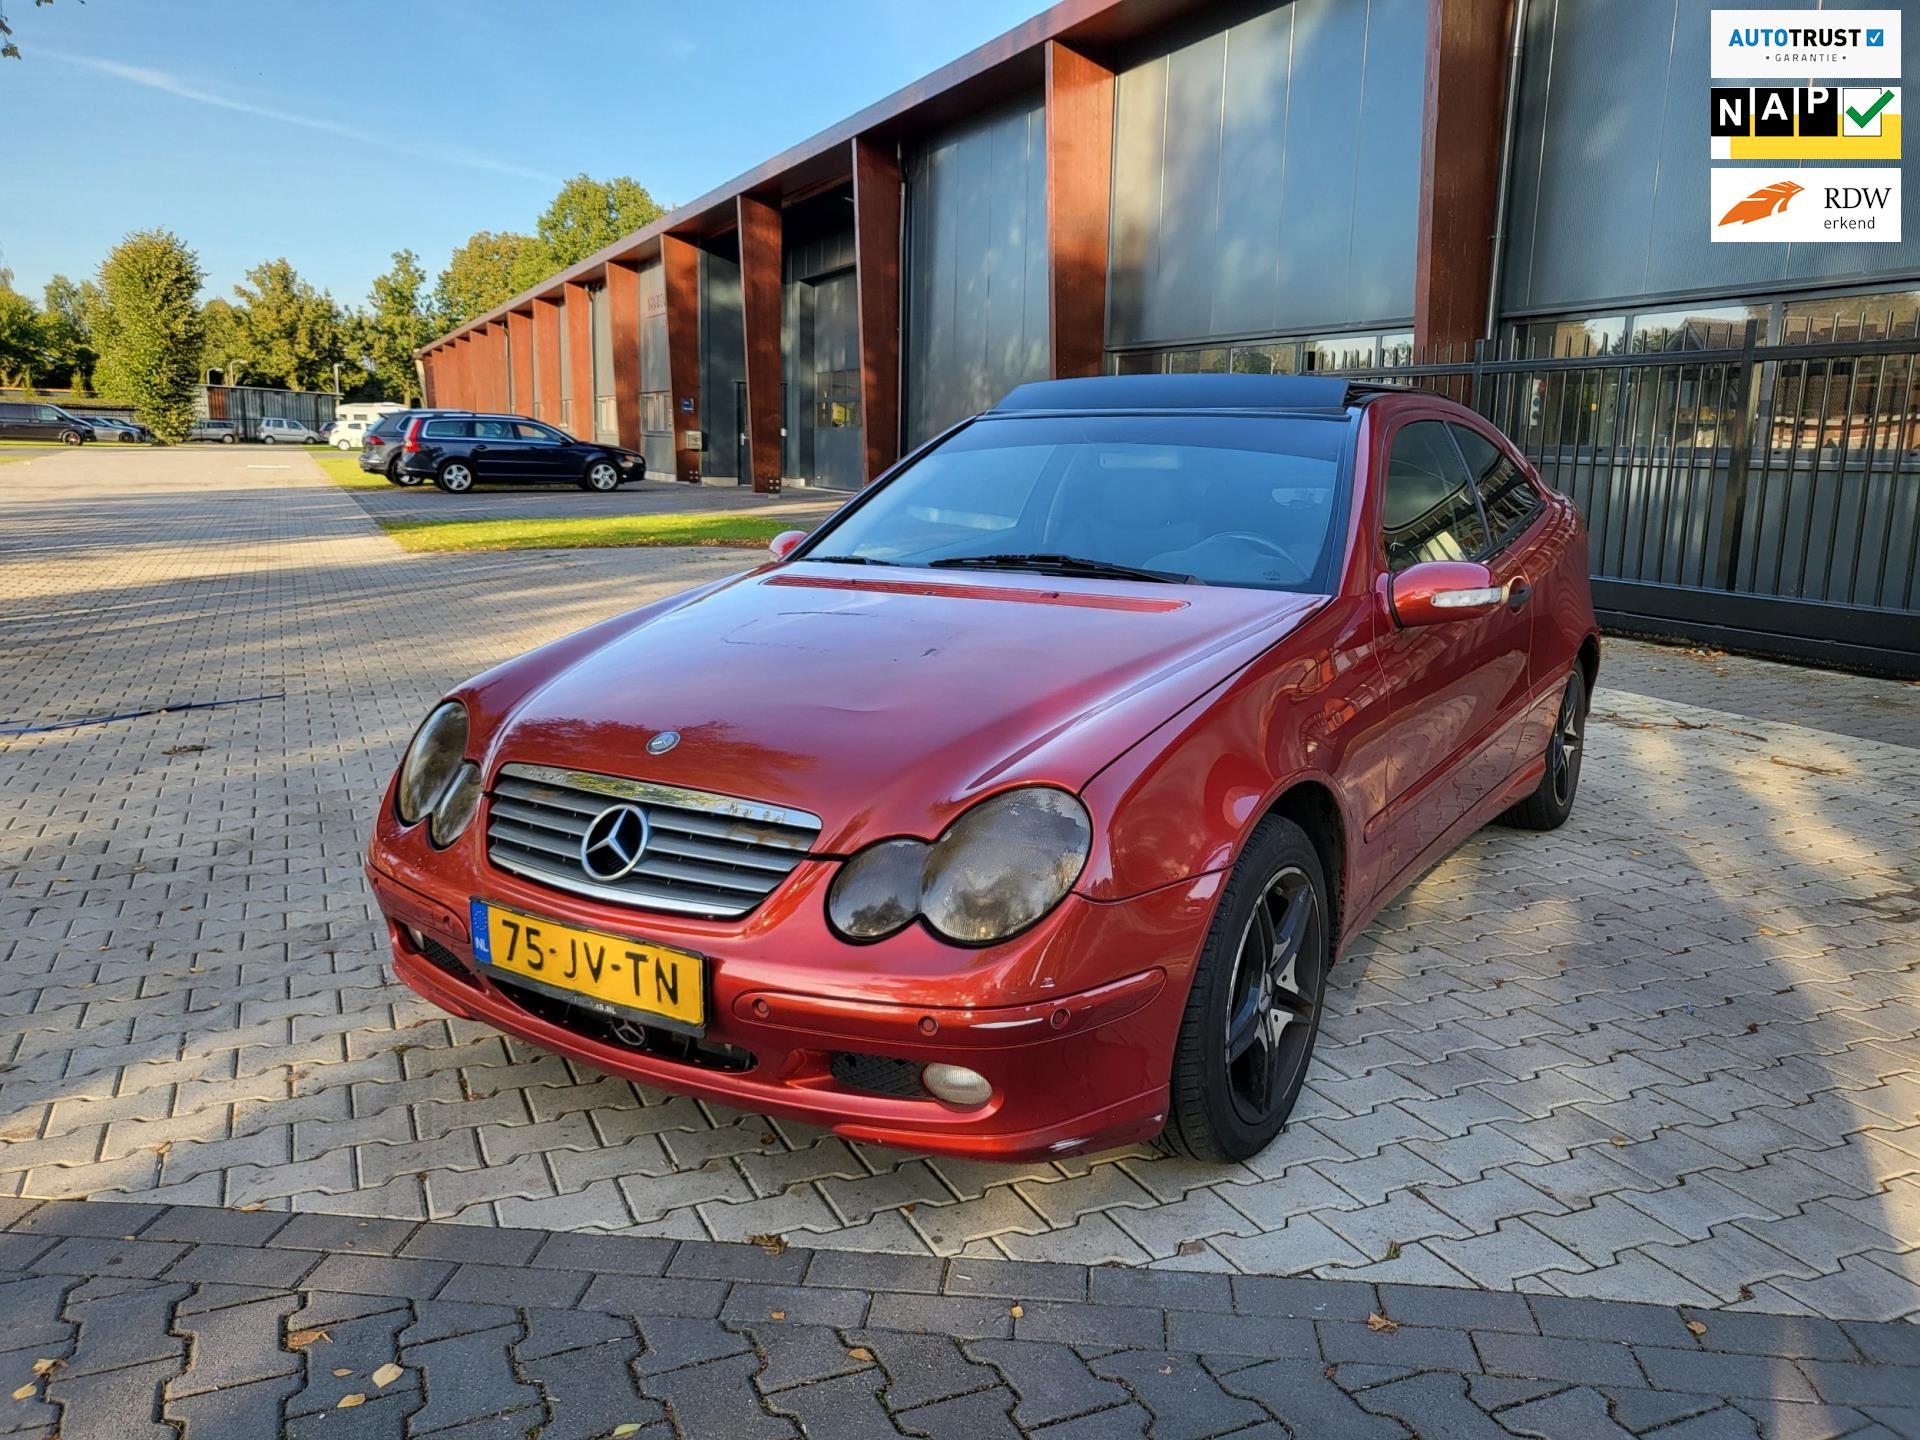 Mercedes-Benz C-klasse Sportcoupé occasion - Autobedrijf Benjamin